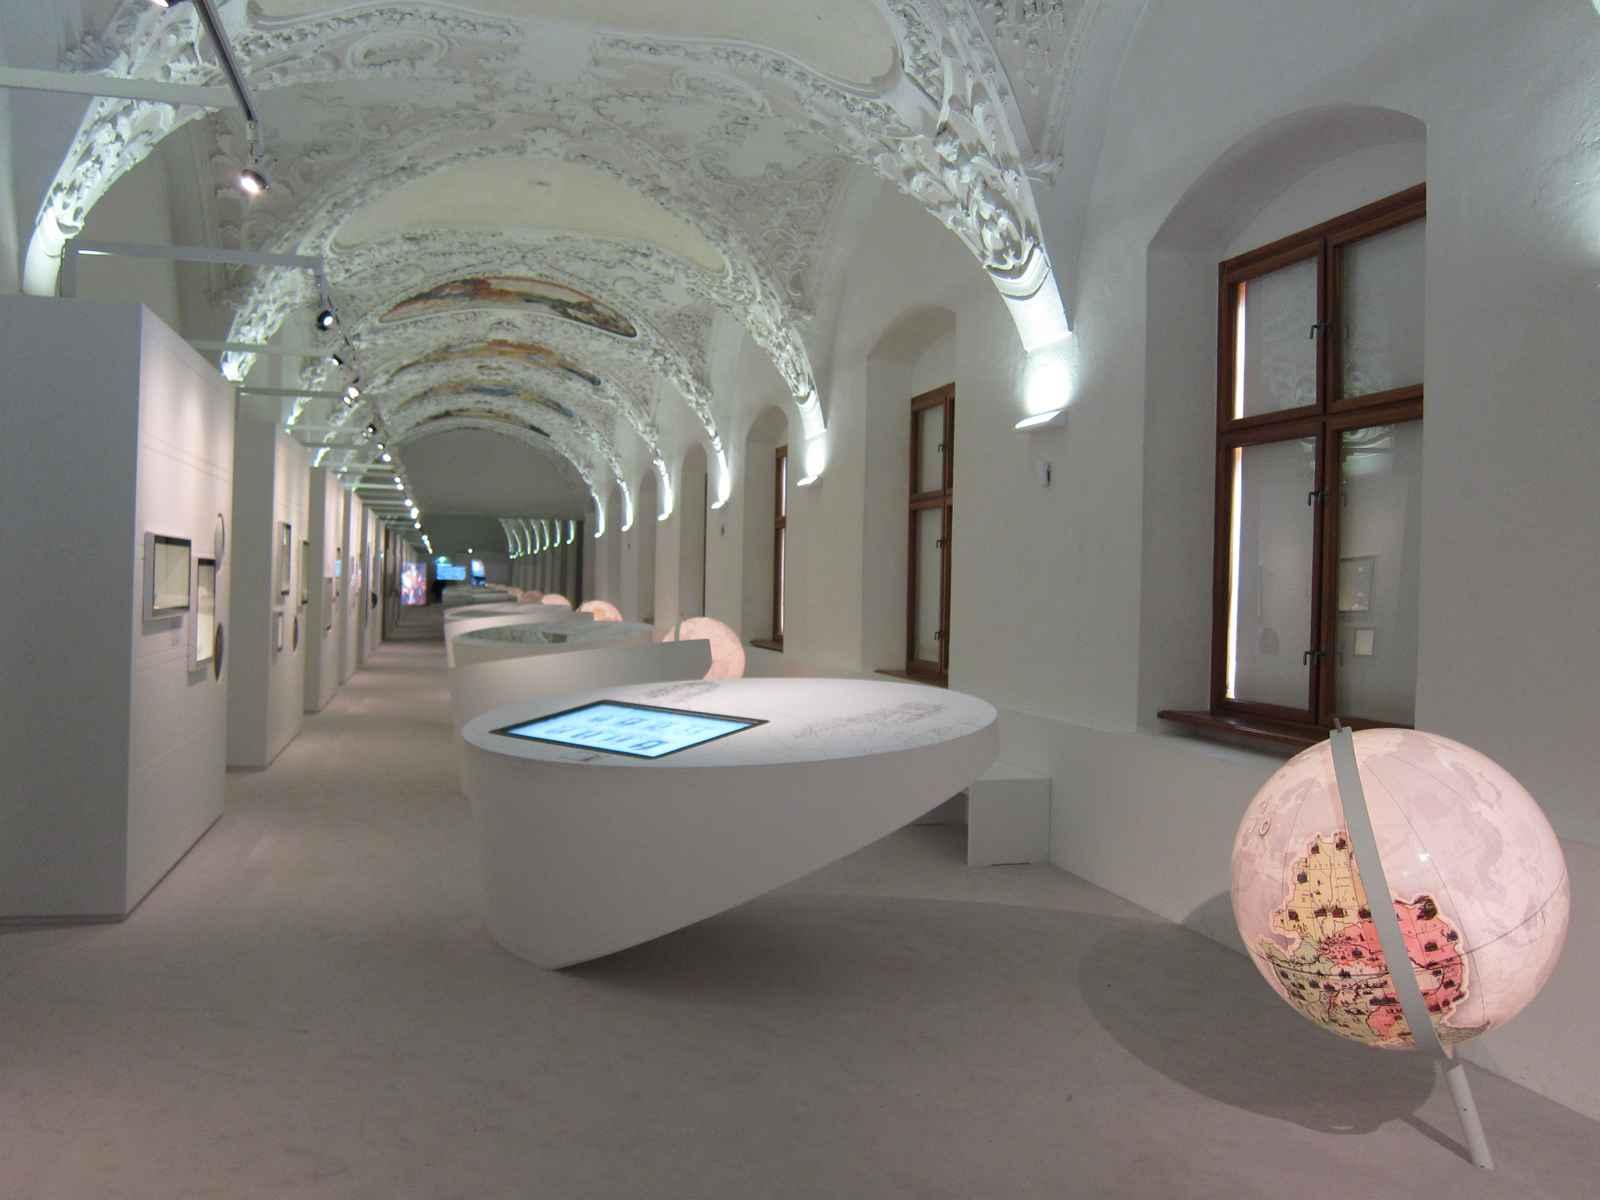 Raumeindruck Bibliothek mit Stuck Tonnengewölbe und ovalen Vitrinen. Im Vordergrund interaktiver Globus.